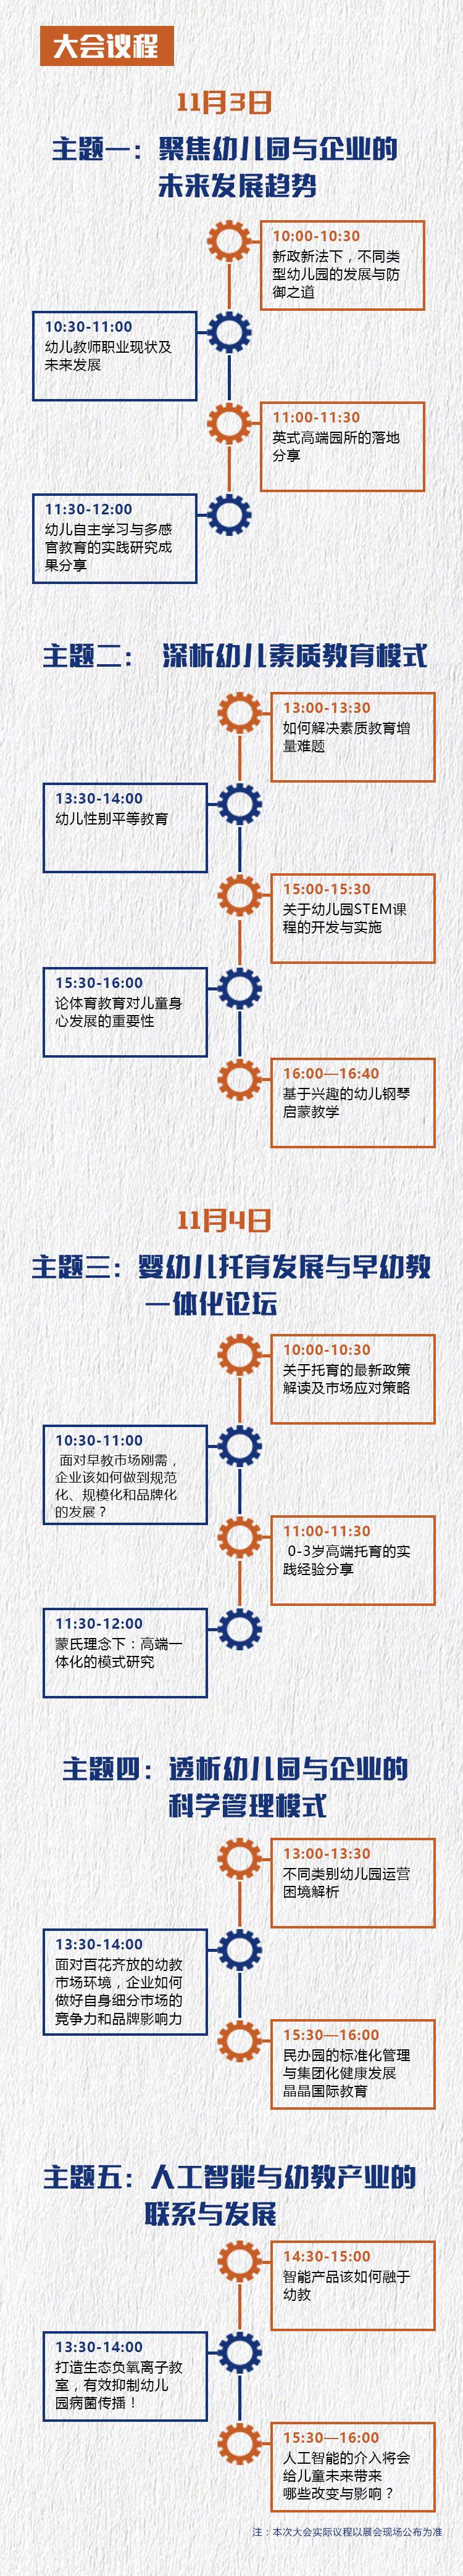 2019亚洲园长大会暨《德育报·学前教育》学术年会(深圳)